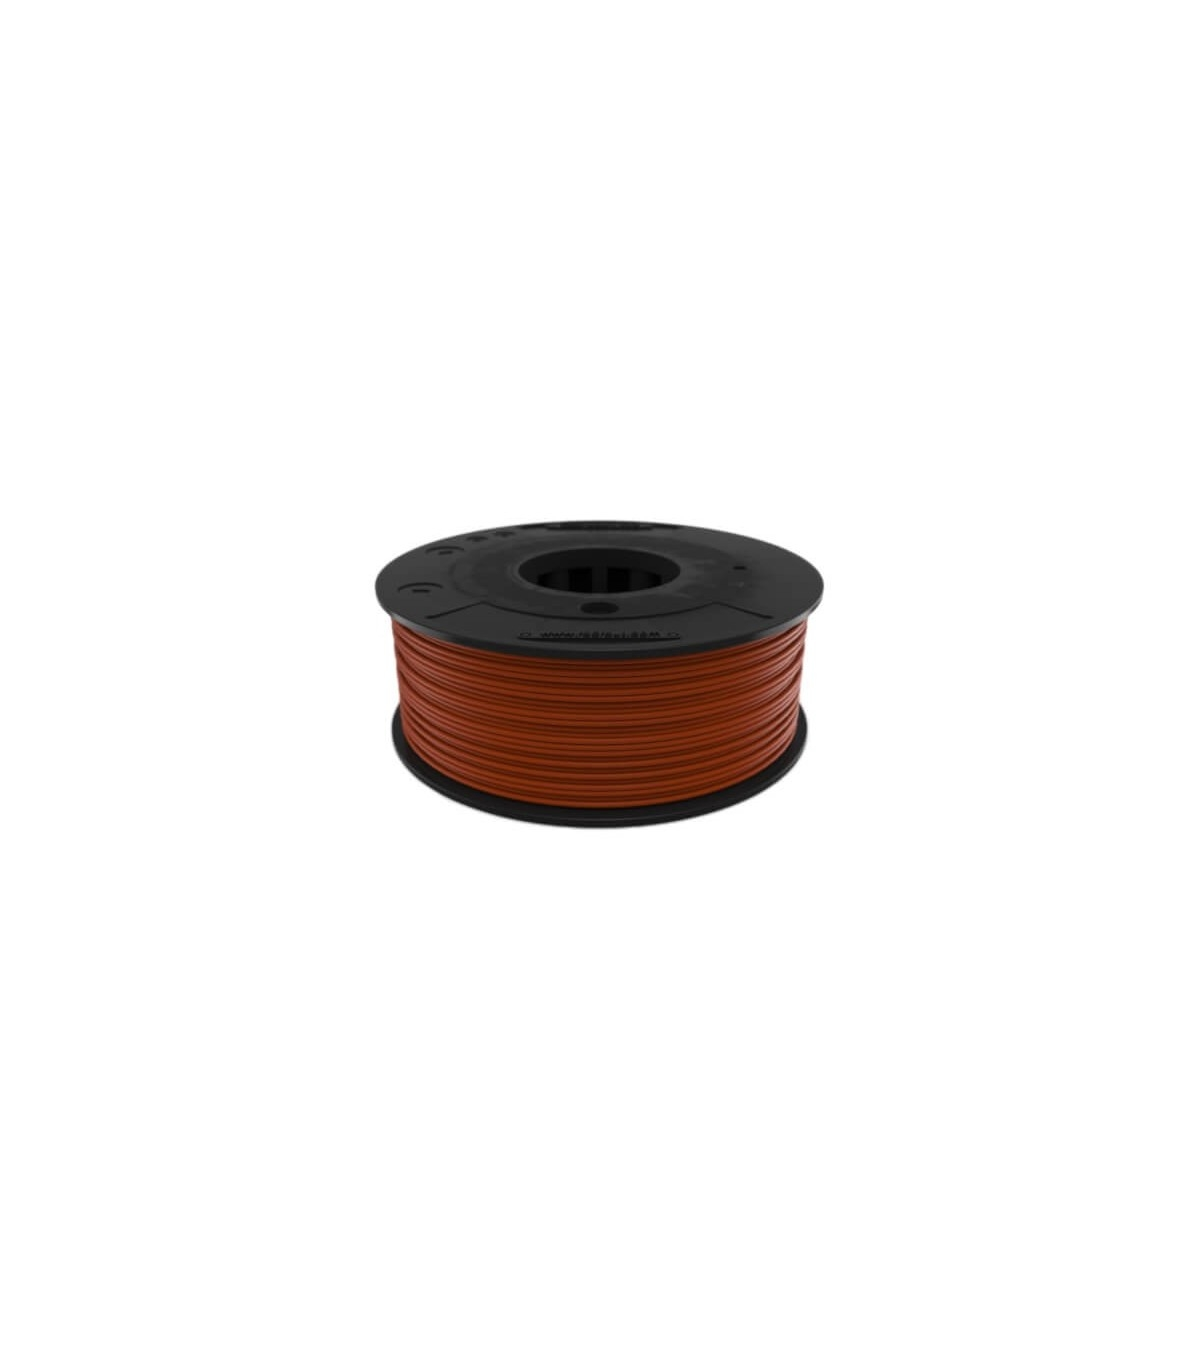 FilaFlex Skin2 82A TPE Filament 2.85 mm 250g